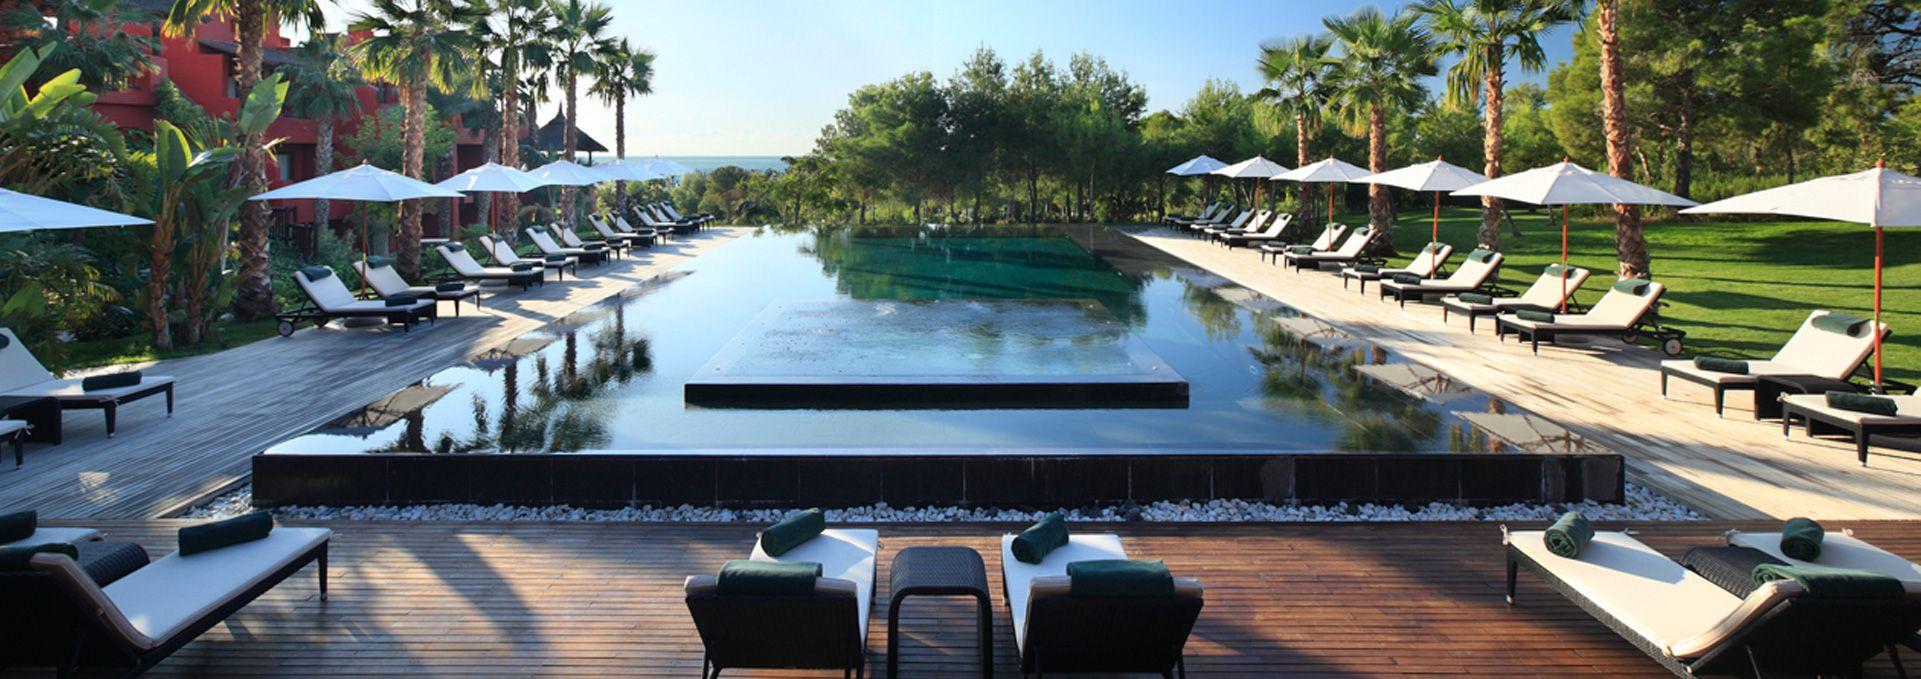 Perfect Barceló Asia Gardens Hotel U0026 Thai Spa, Alicante (Spain) | ADVENTURE |  Pinterest | Alicante Spain, Alicante And Asia